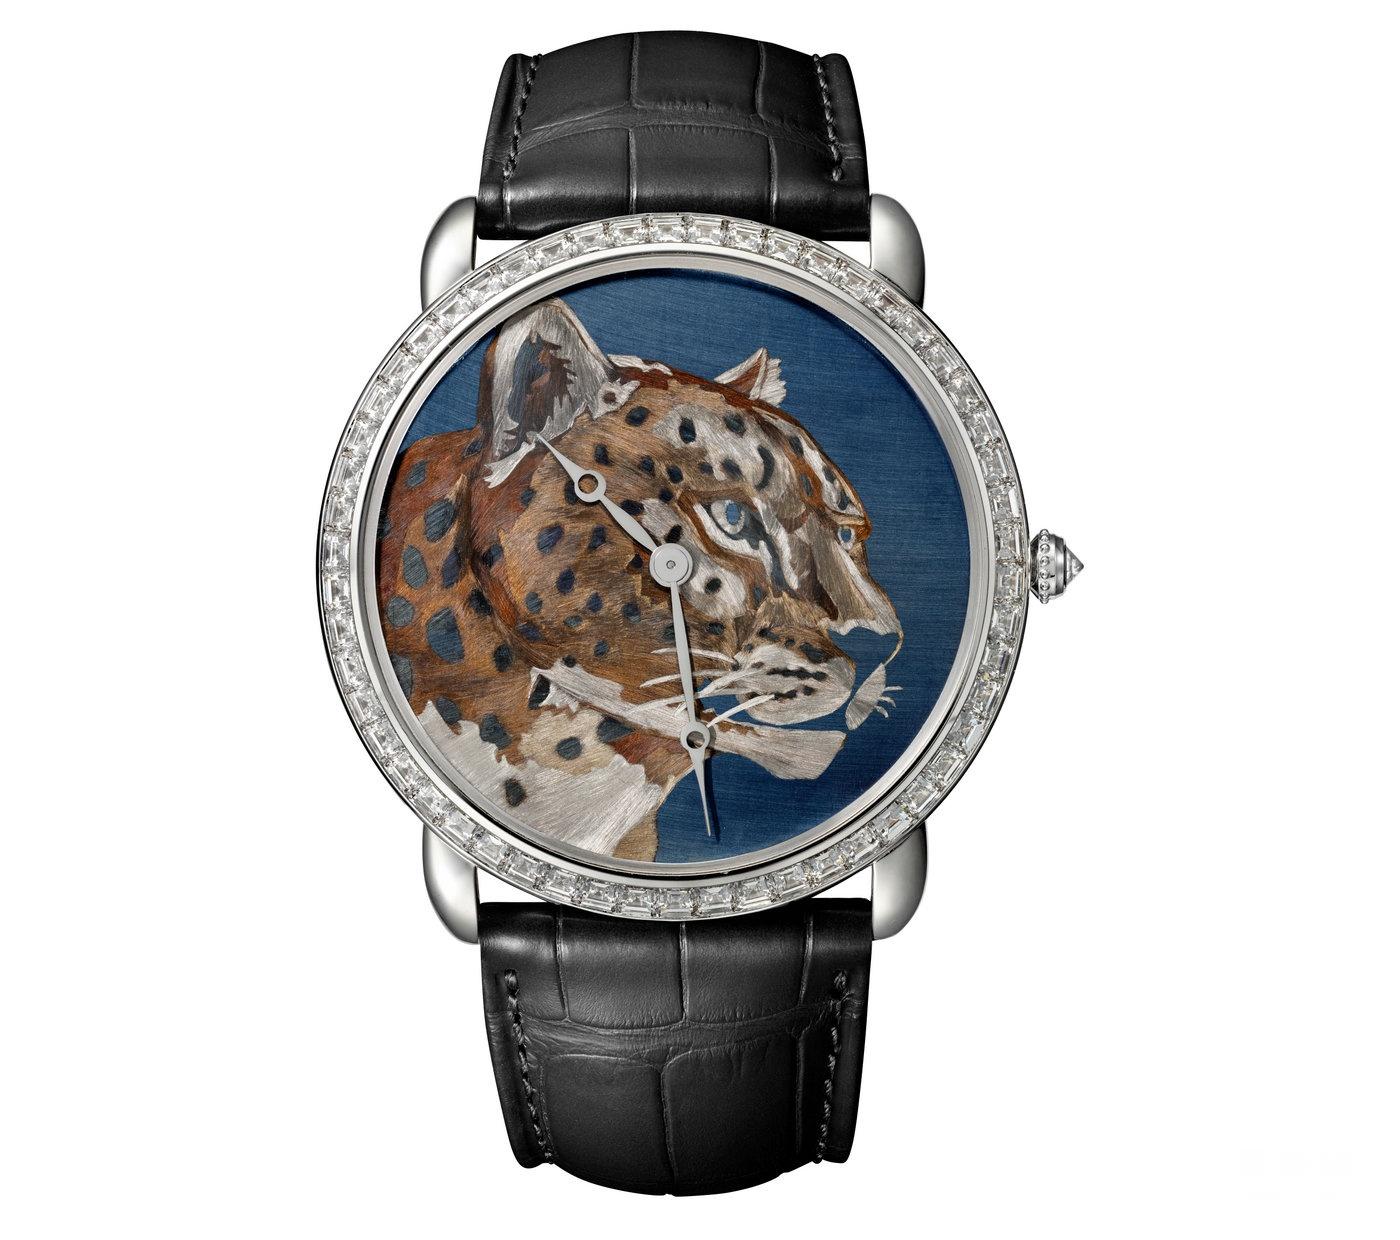 大师工艺,深邃迷人 卡地亚推出Ronde Louis Cartier焰金工艺猎豹装饰腕表